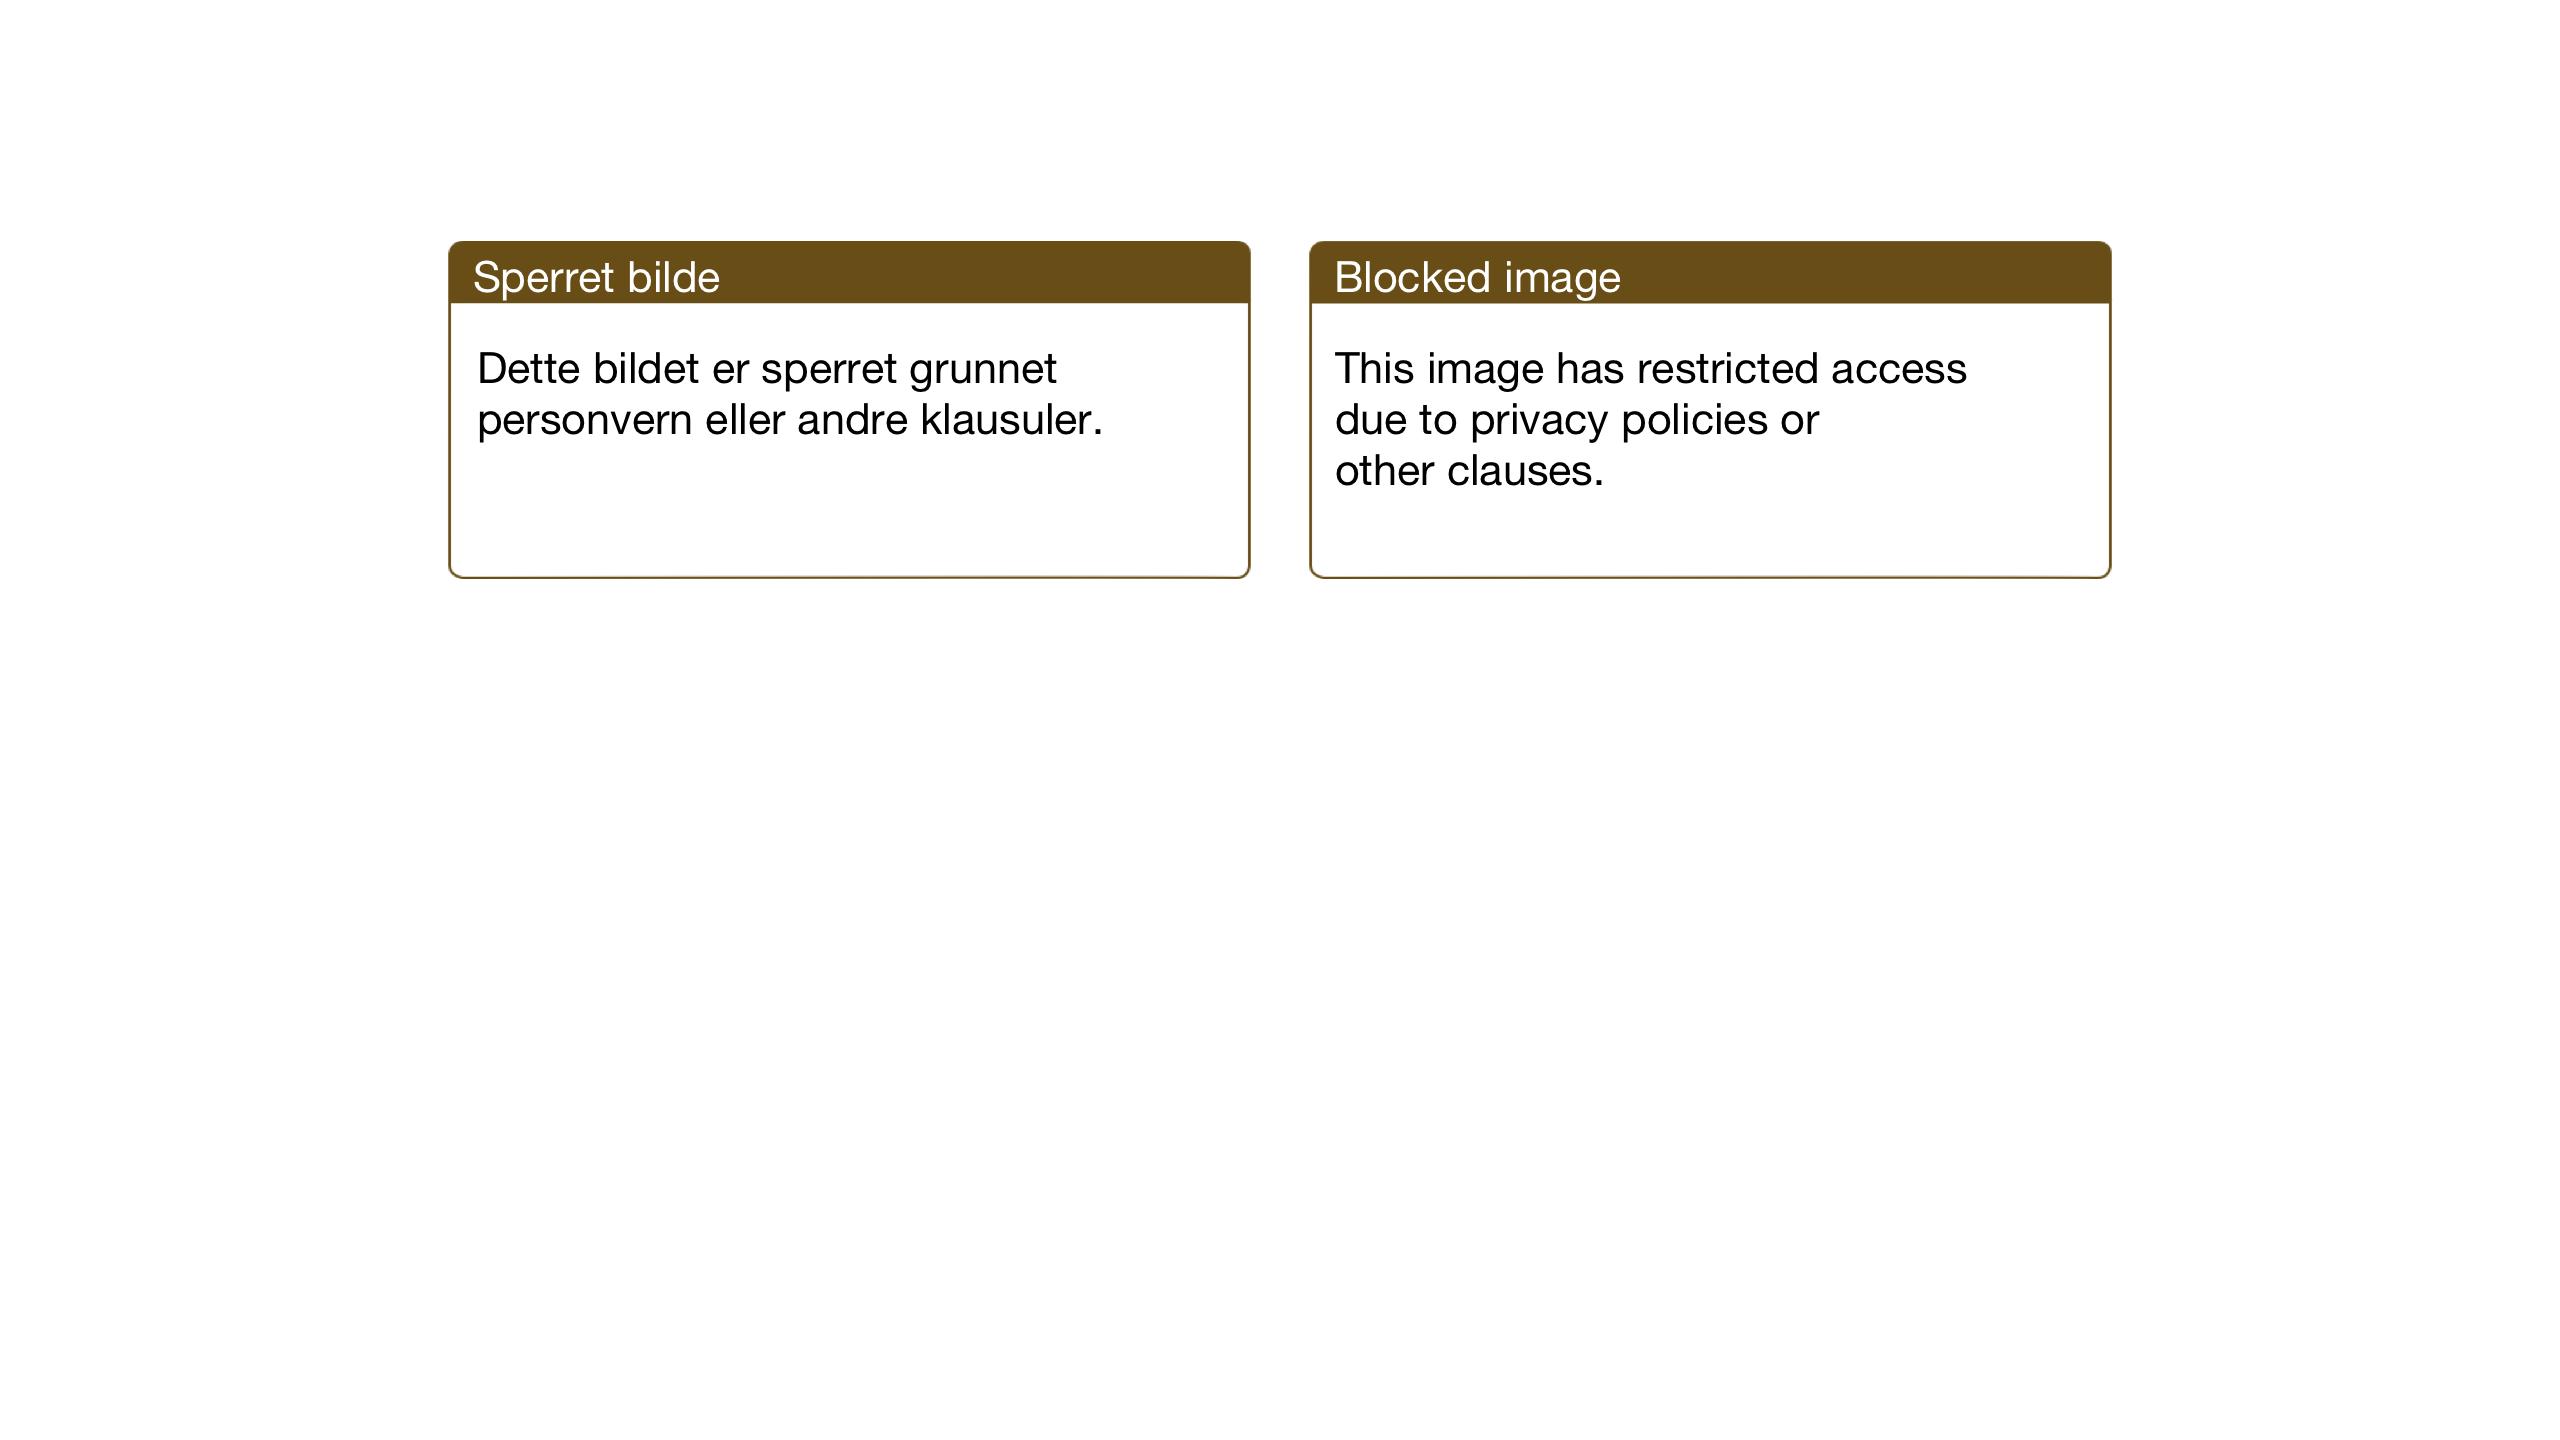 SAT, Ministerialprotokoller, klokkerbøker og fødselsregistre - Sør-Trøndelag, 607/L0328: Klokkerbok nr. 607C02, 1940-1948, s. 56